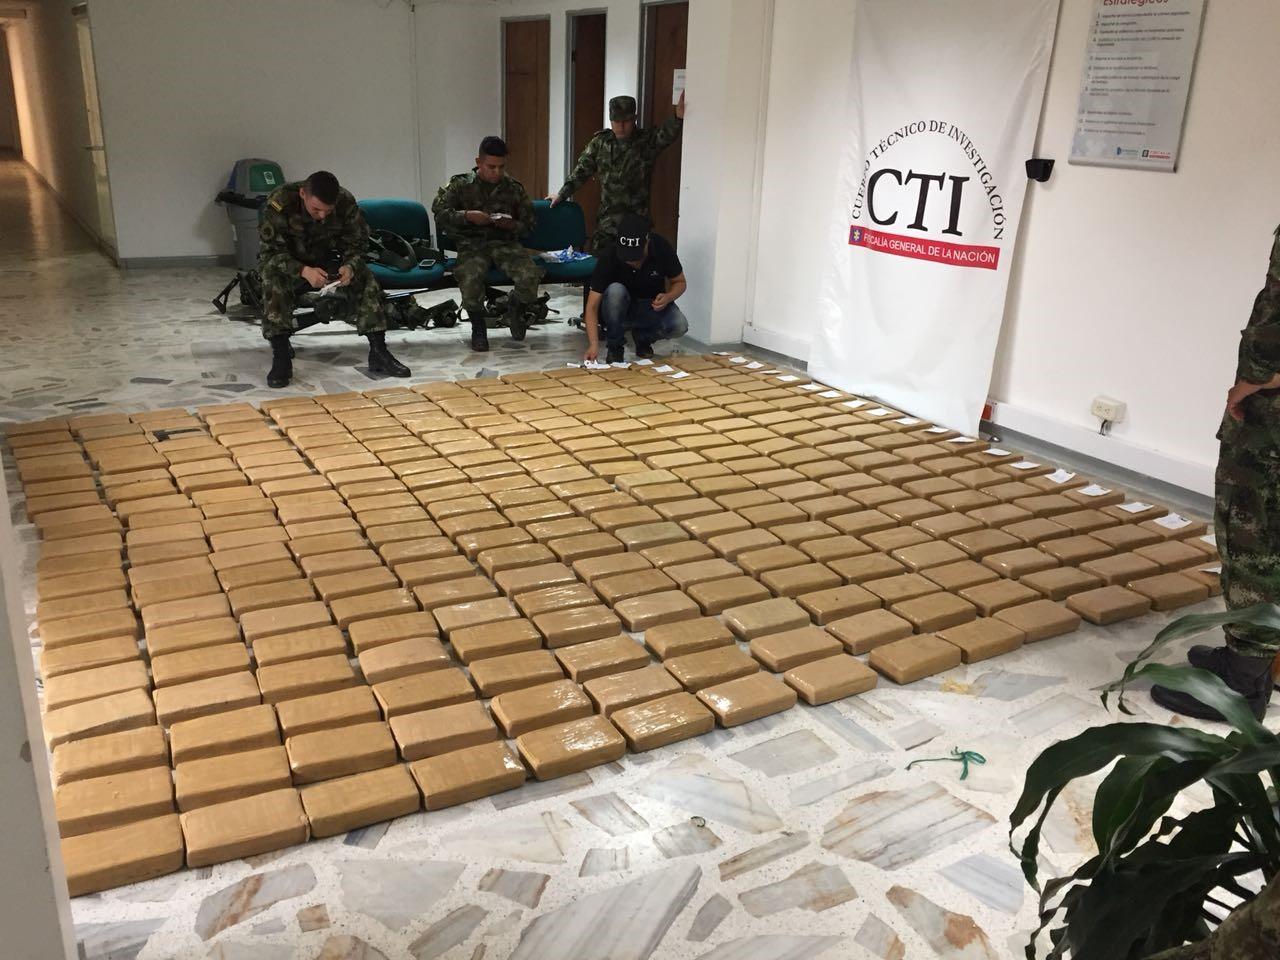 La Fiscalía incautó más de 300 kilos de cocaína dentro de una vivienda en Buenaventura